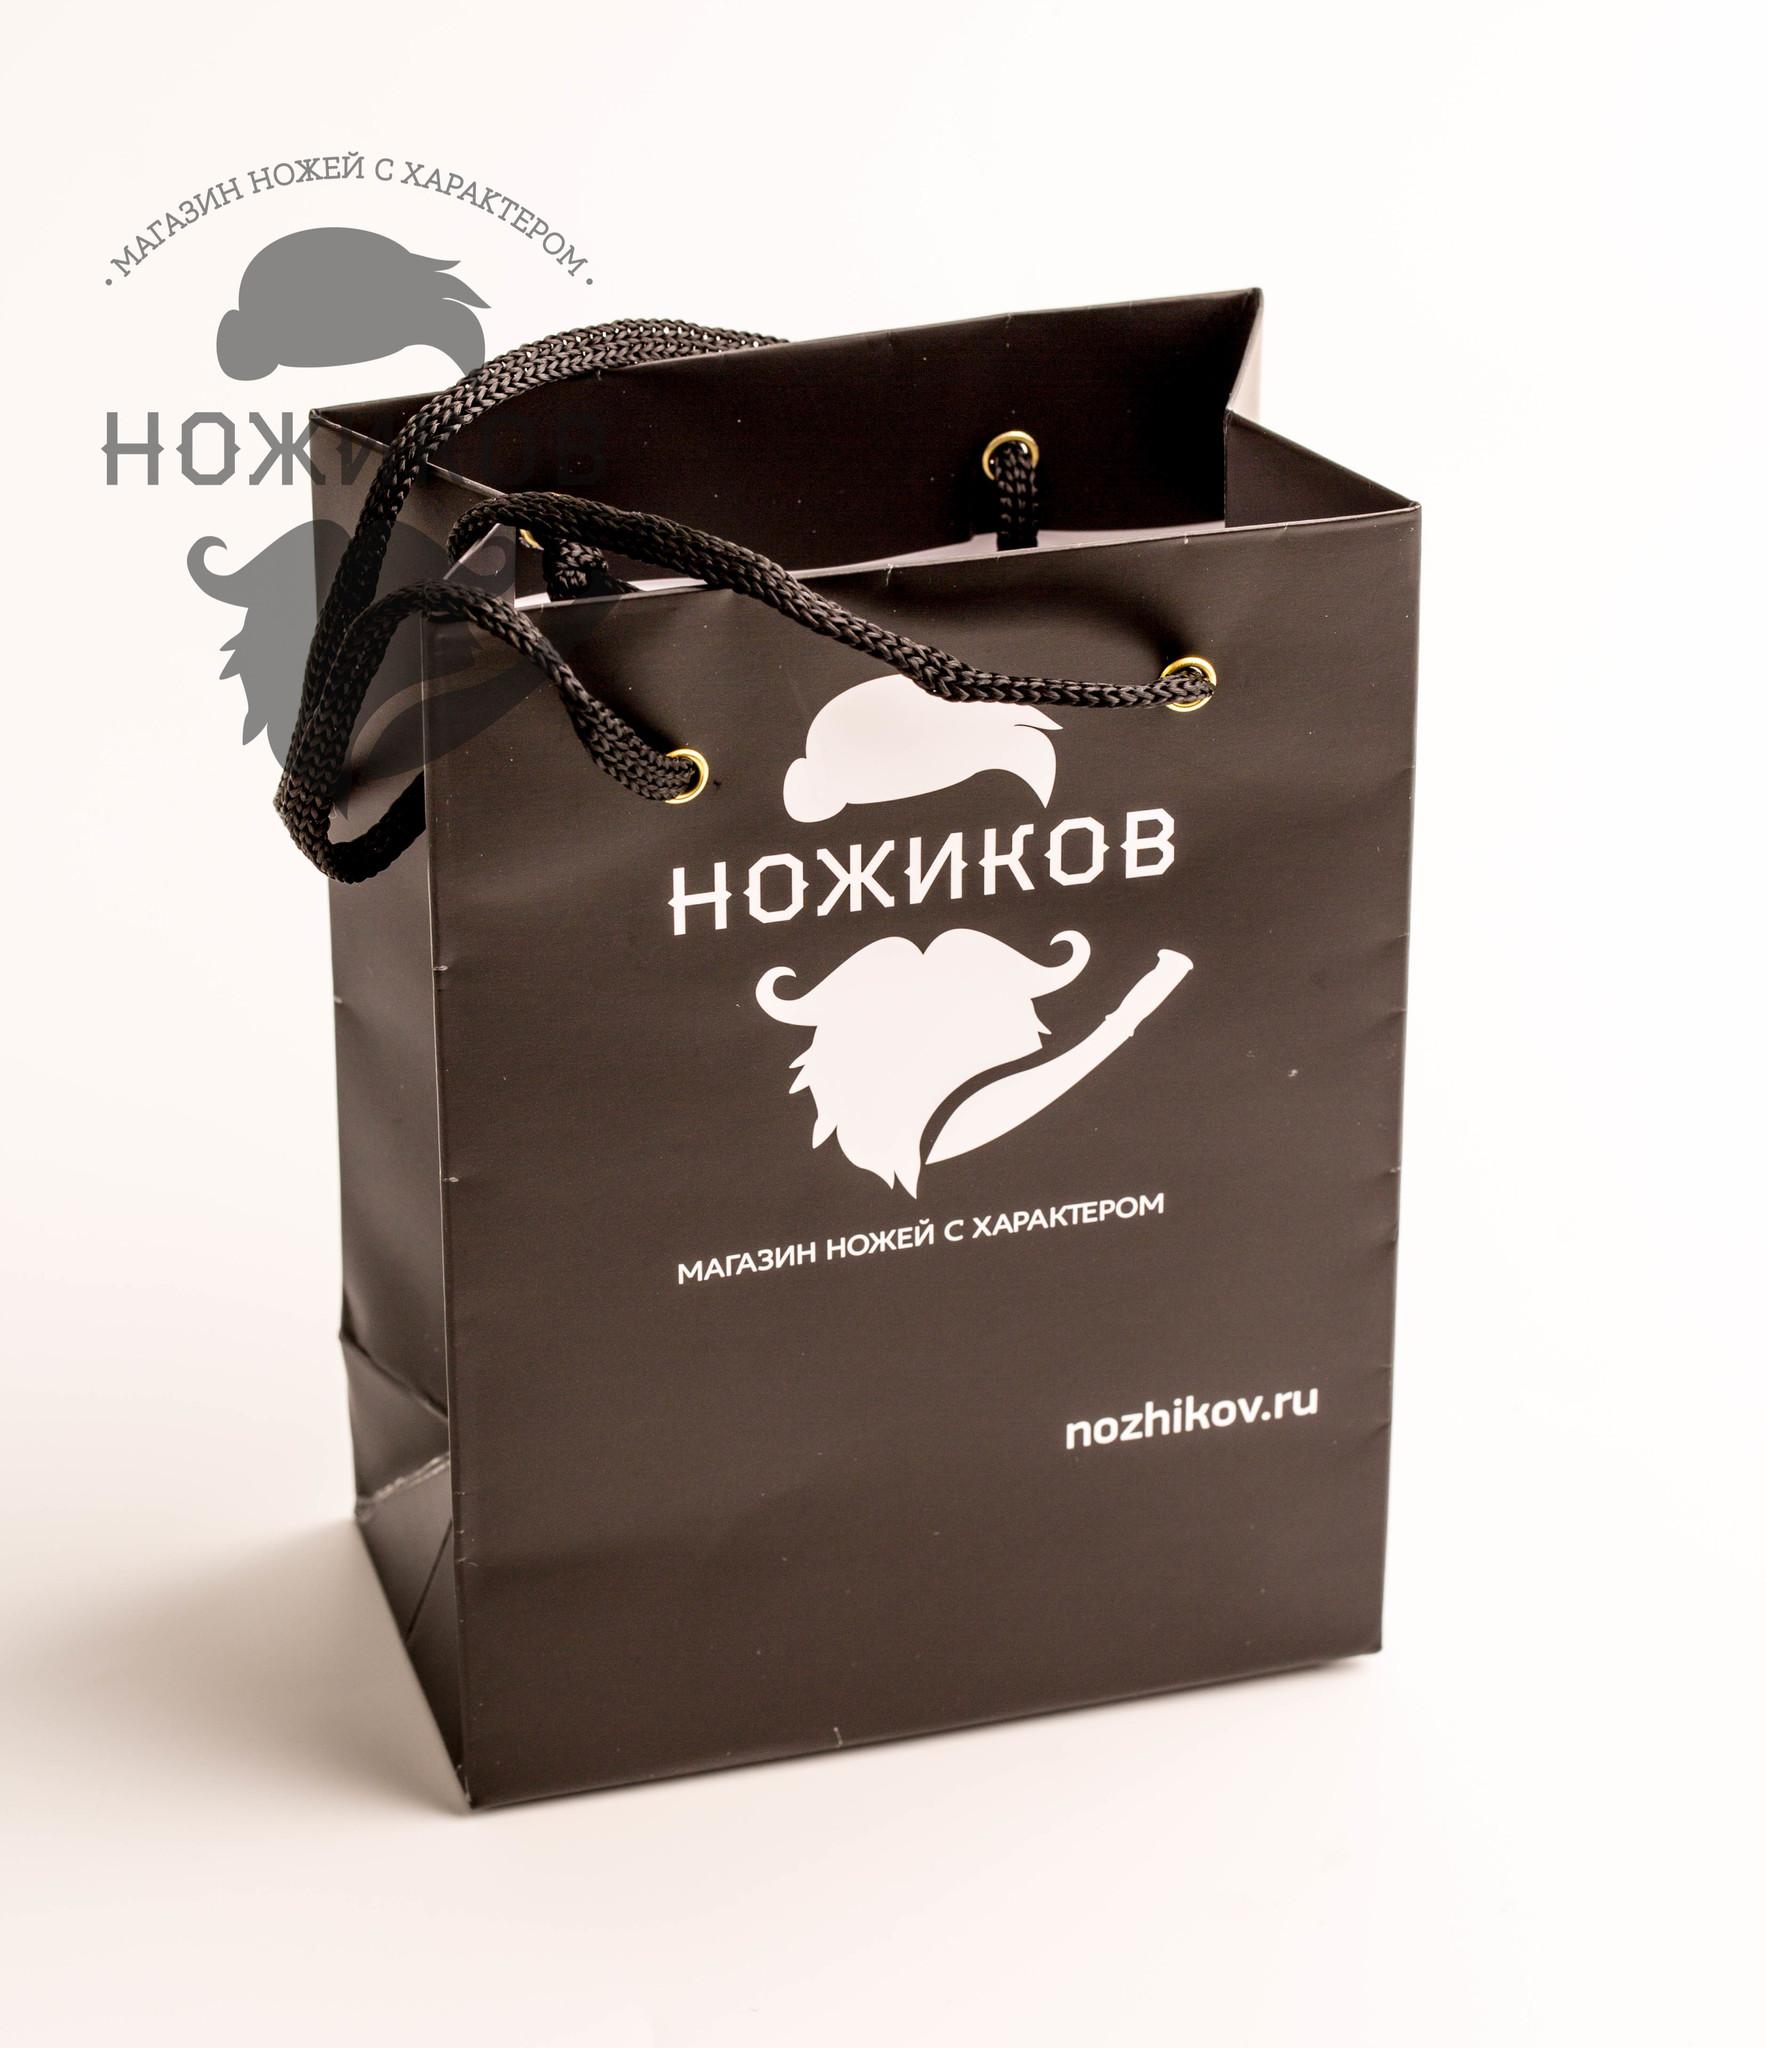 Фото 4 - Подарочный пакет для складного ножа от Nozhikov